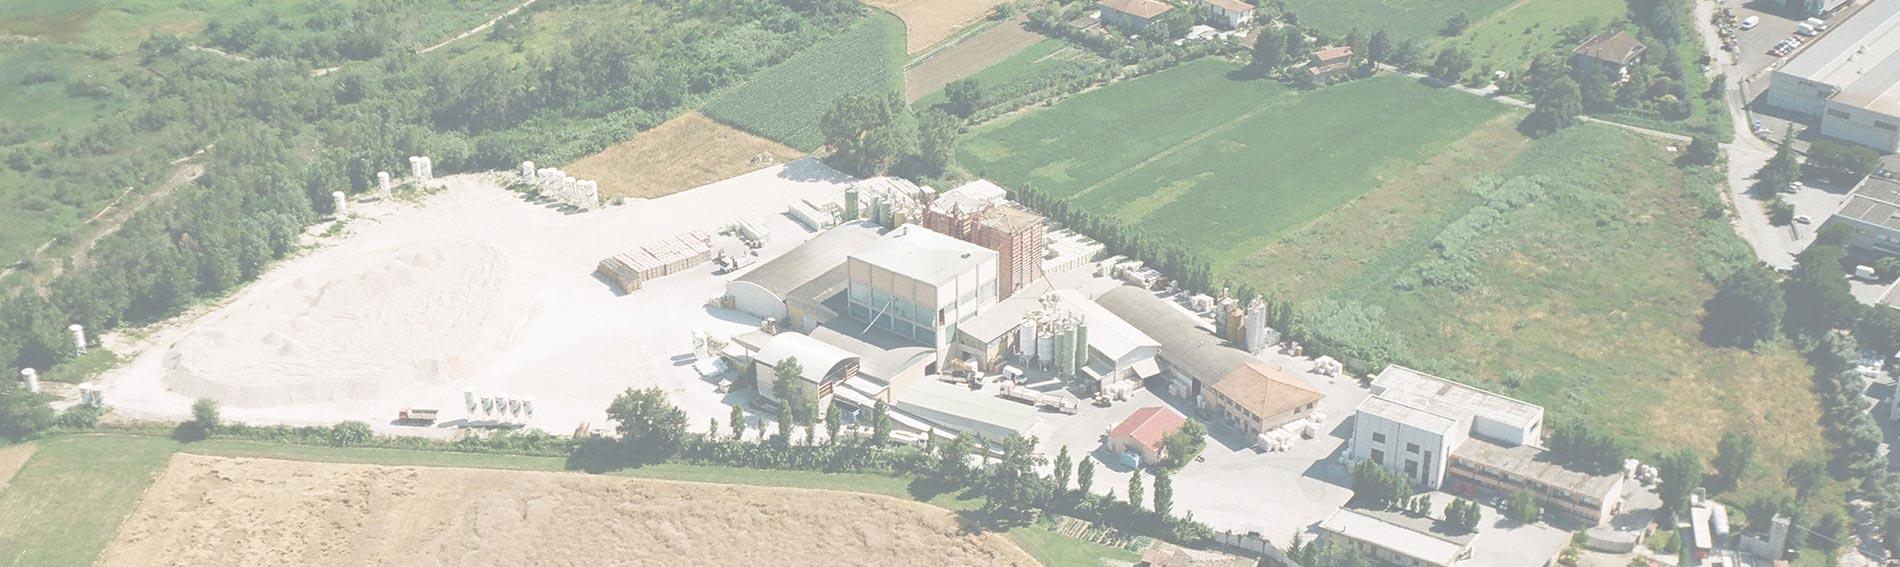 Foto aerea azienda C. Sgubbi